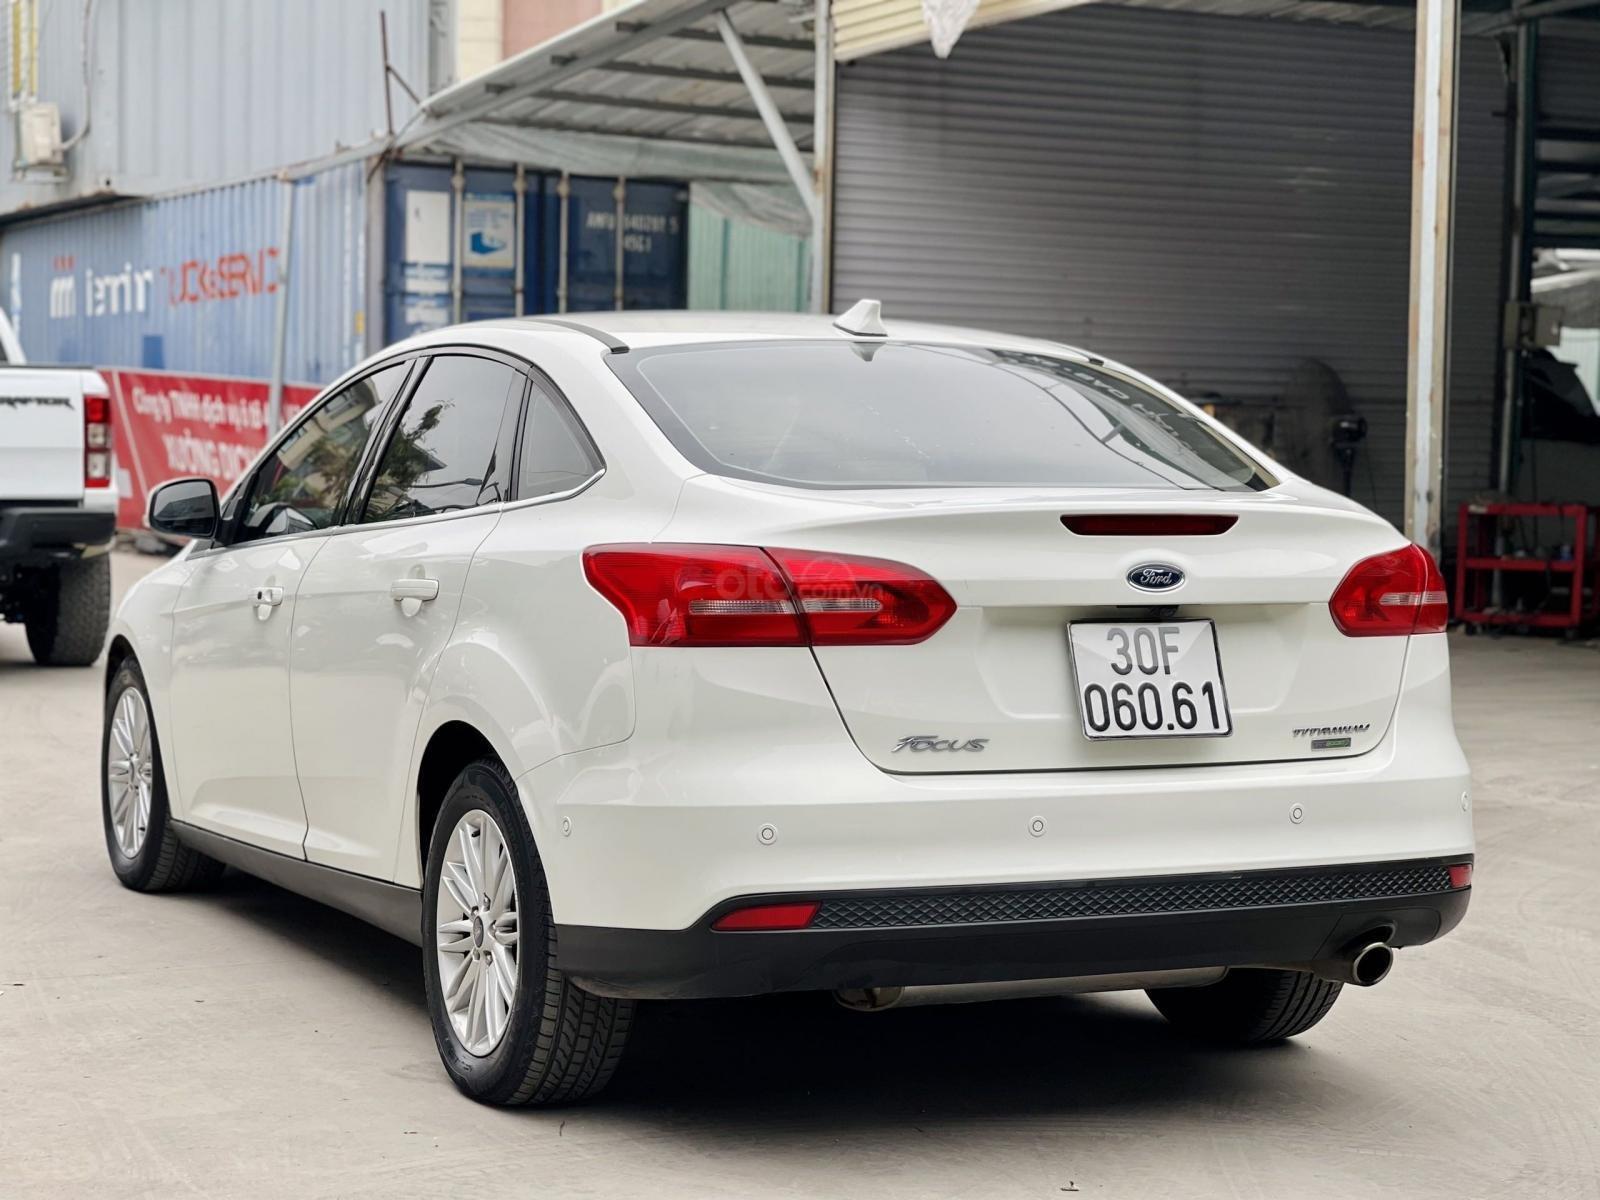 Cần bán xe Ford Focus đăng ký lần đầu 2017, màu trắng nhập khẩu nguyên chiếc giá tốt (11)